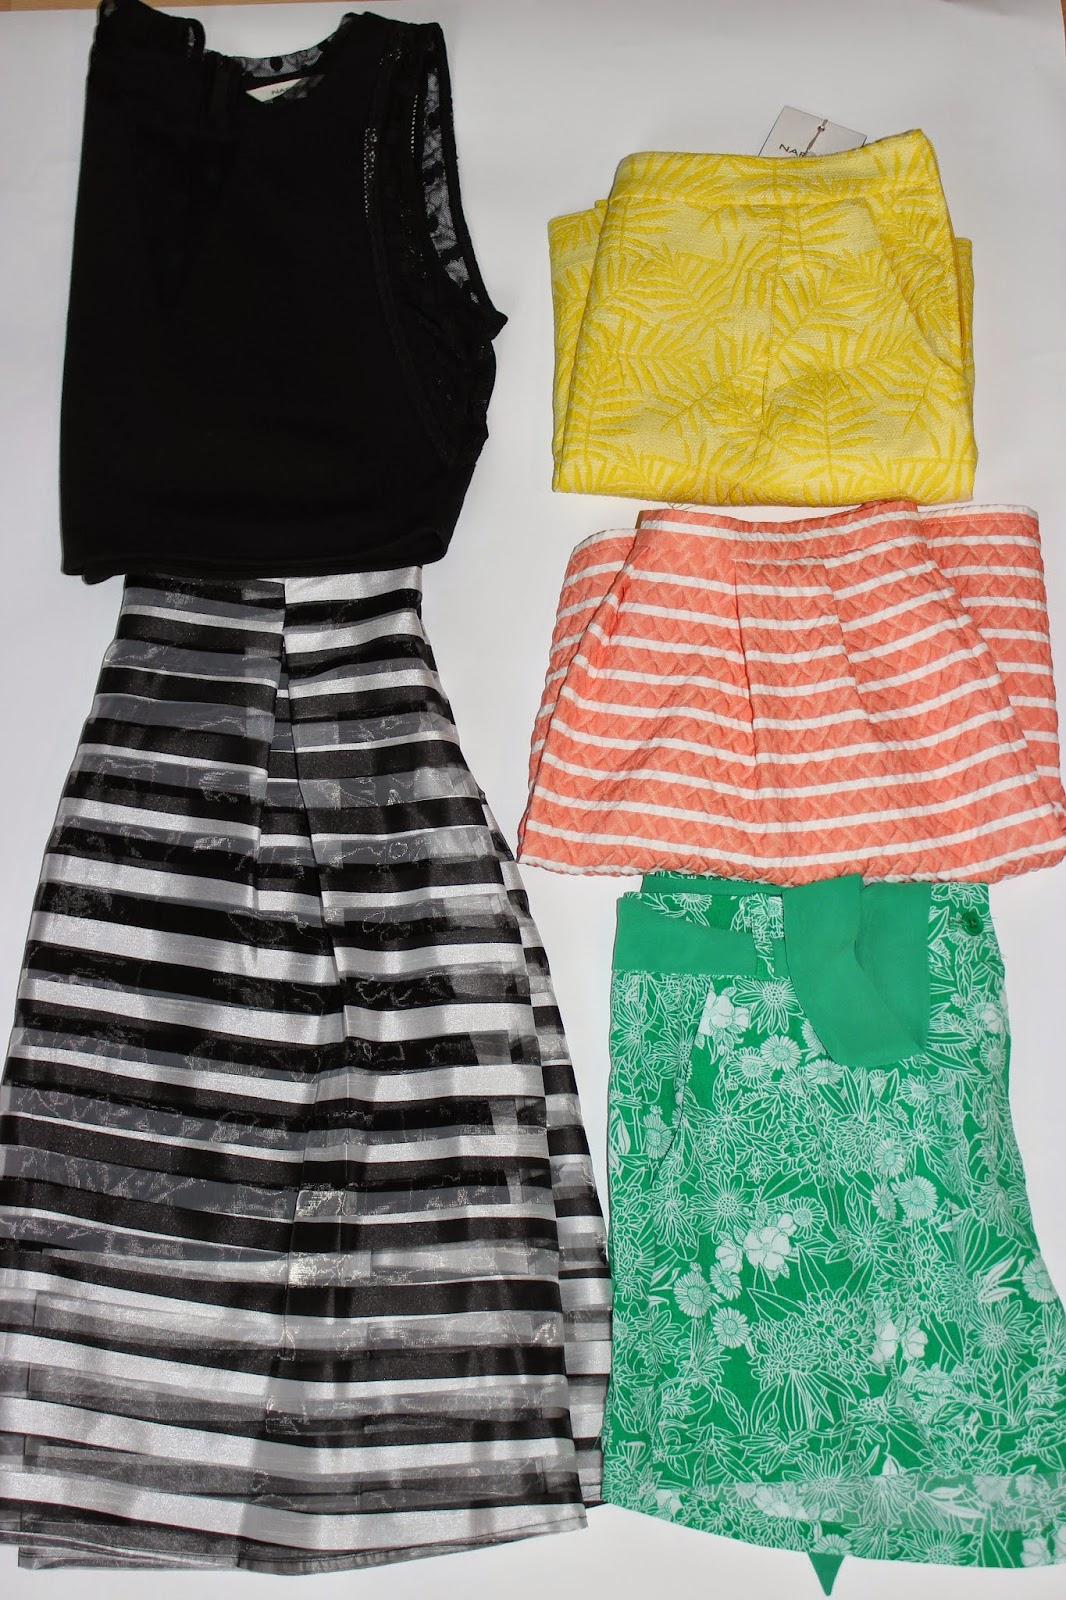 nouveautés Naf Naf, jupe jaune, jupe rose, jupe noire et blanche à rayure, crop top noir